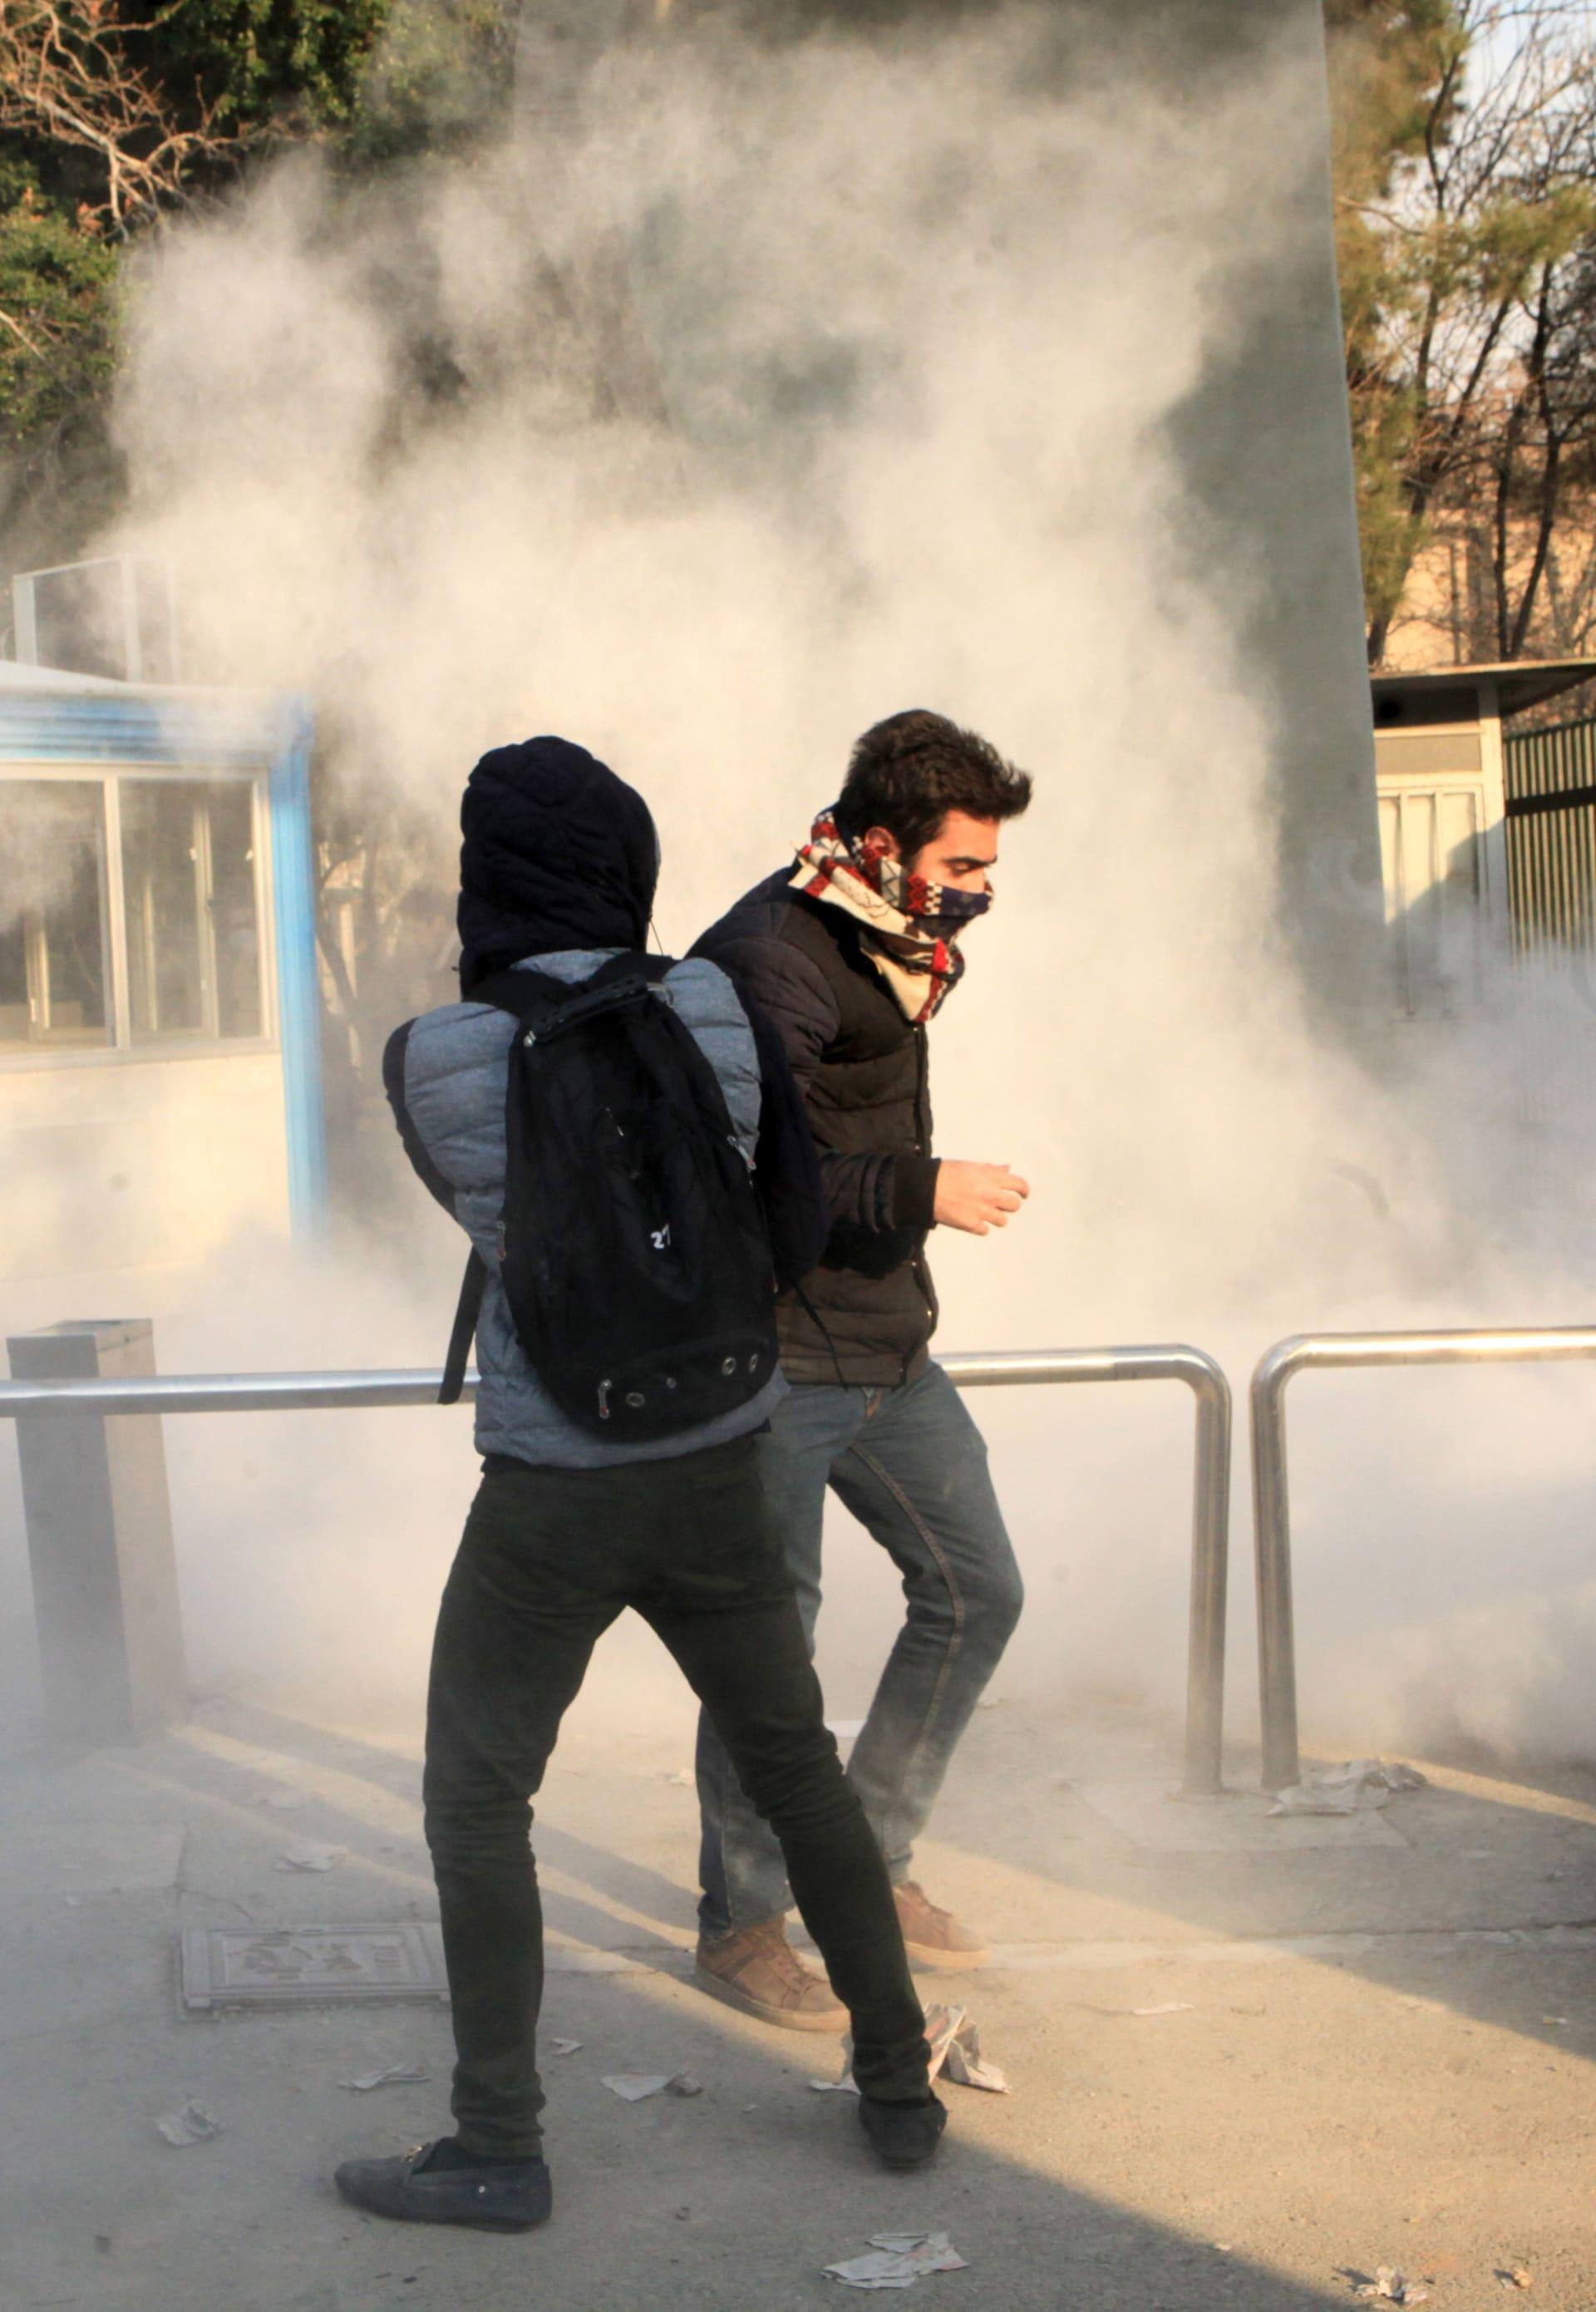 خبير: تحركات إيران تحتاج قيادة لتصبح ثورة تُسقط النظام